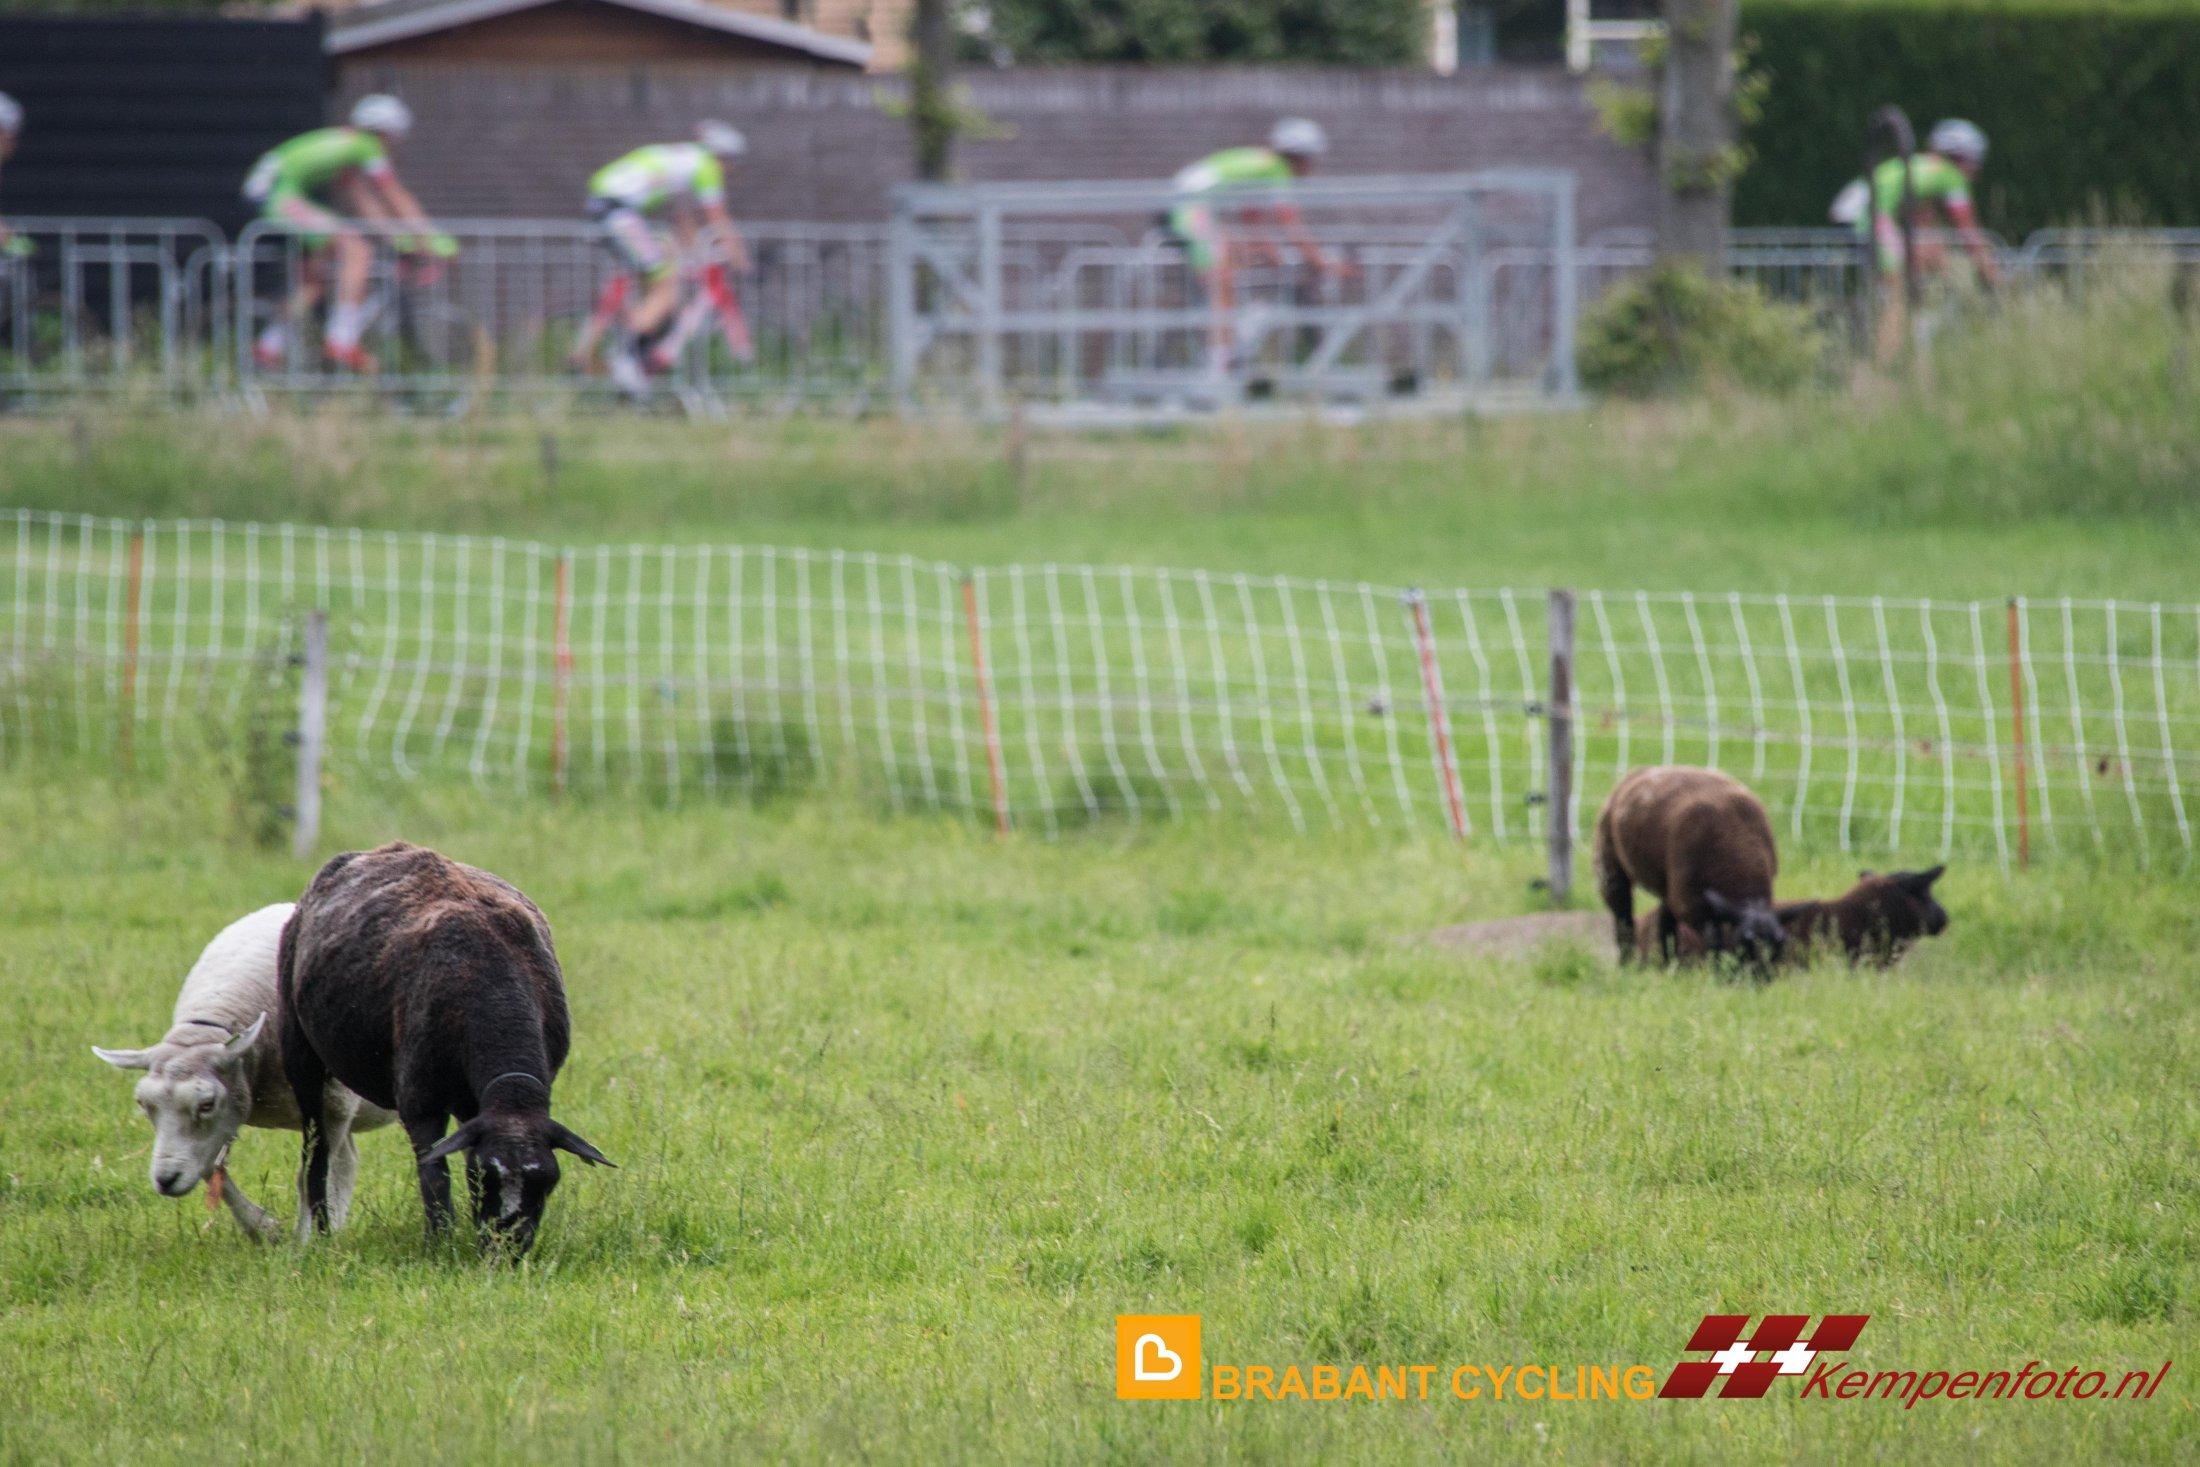 Kempenklassement Westerhoven 2016-39